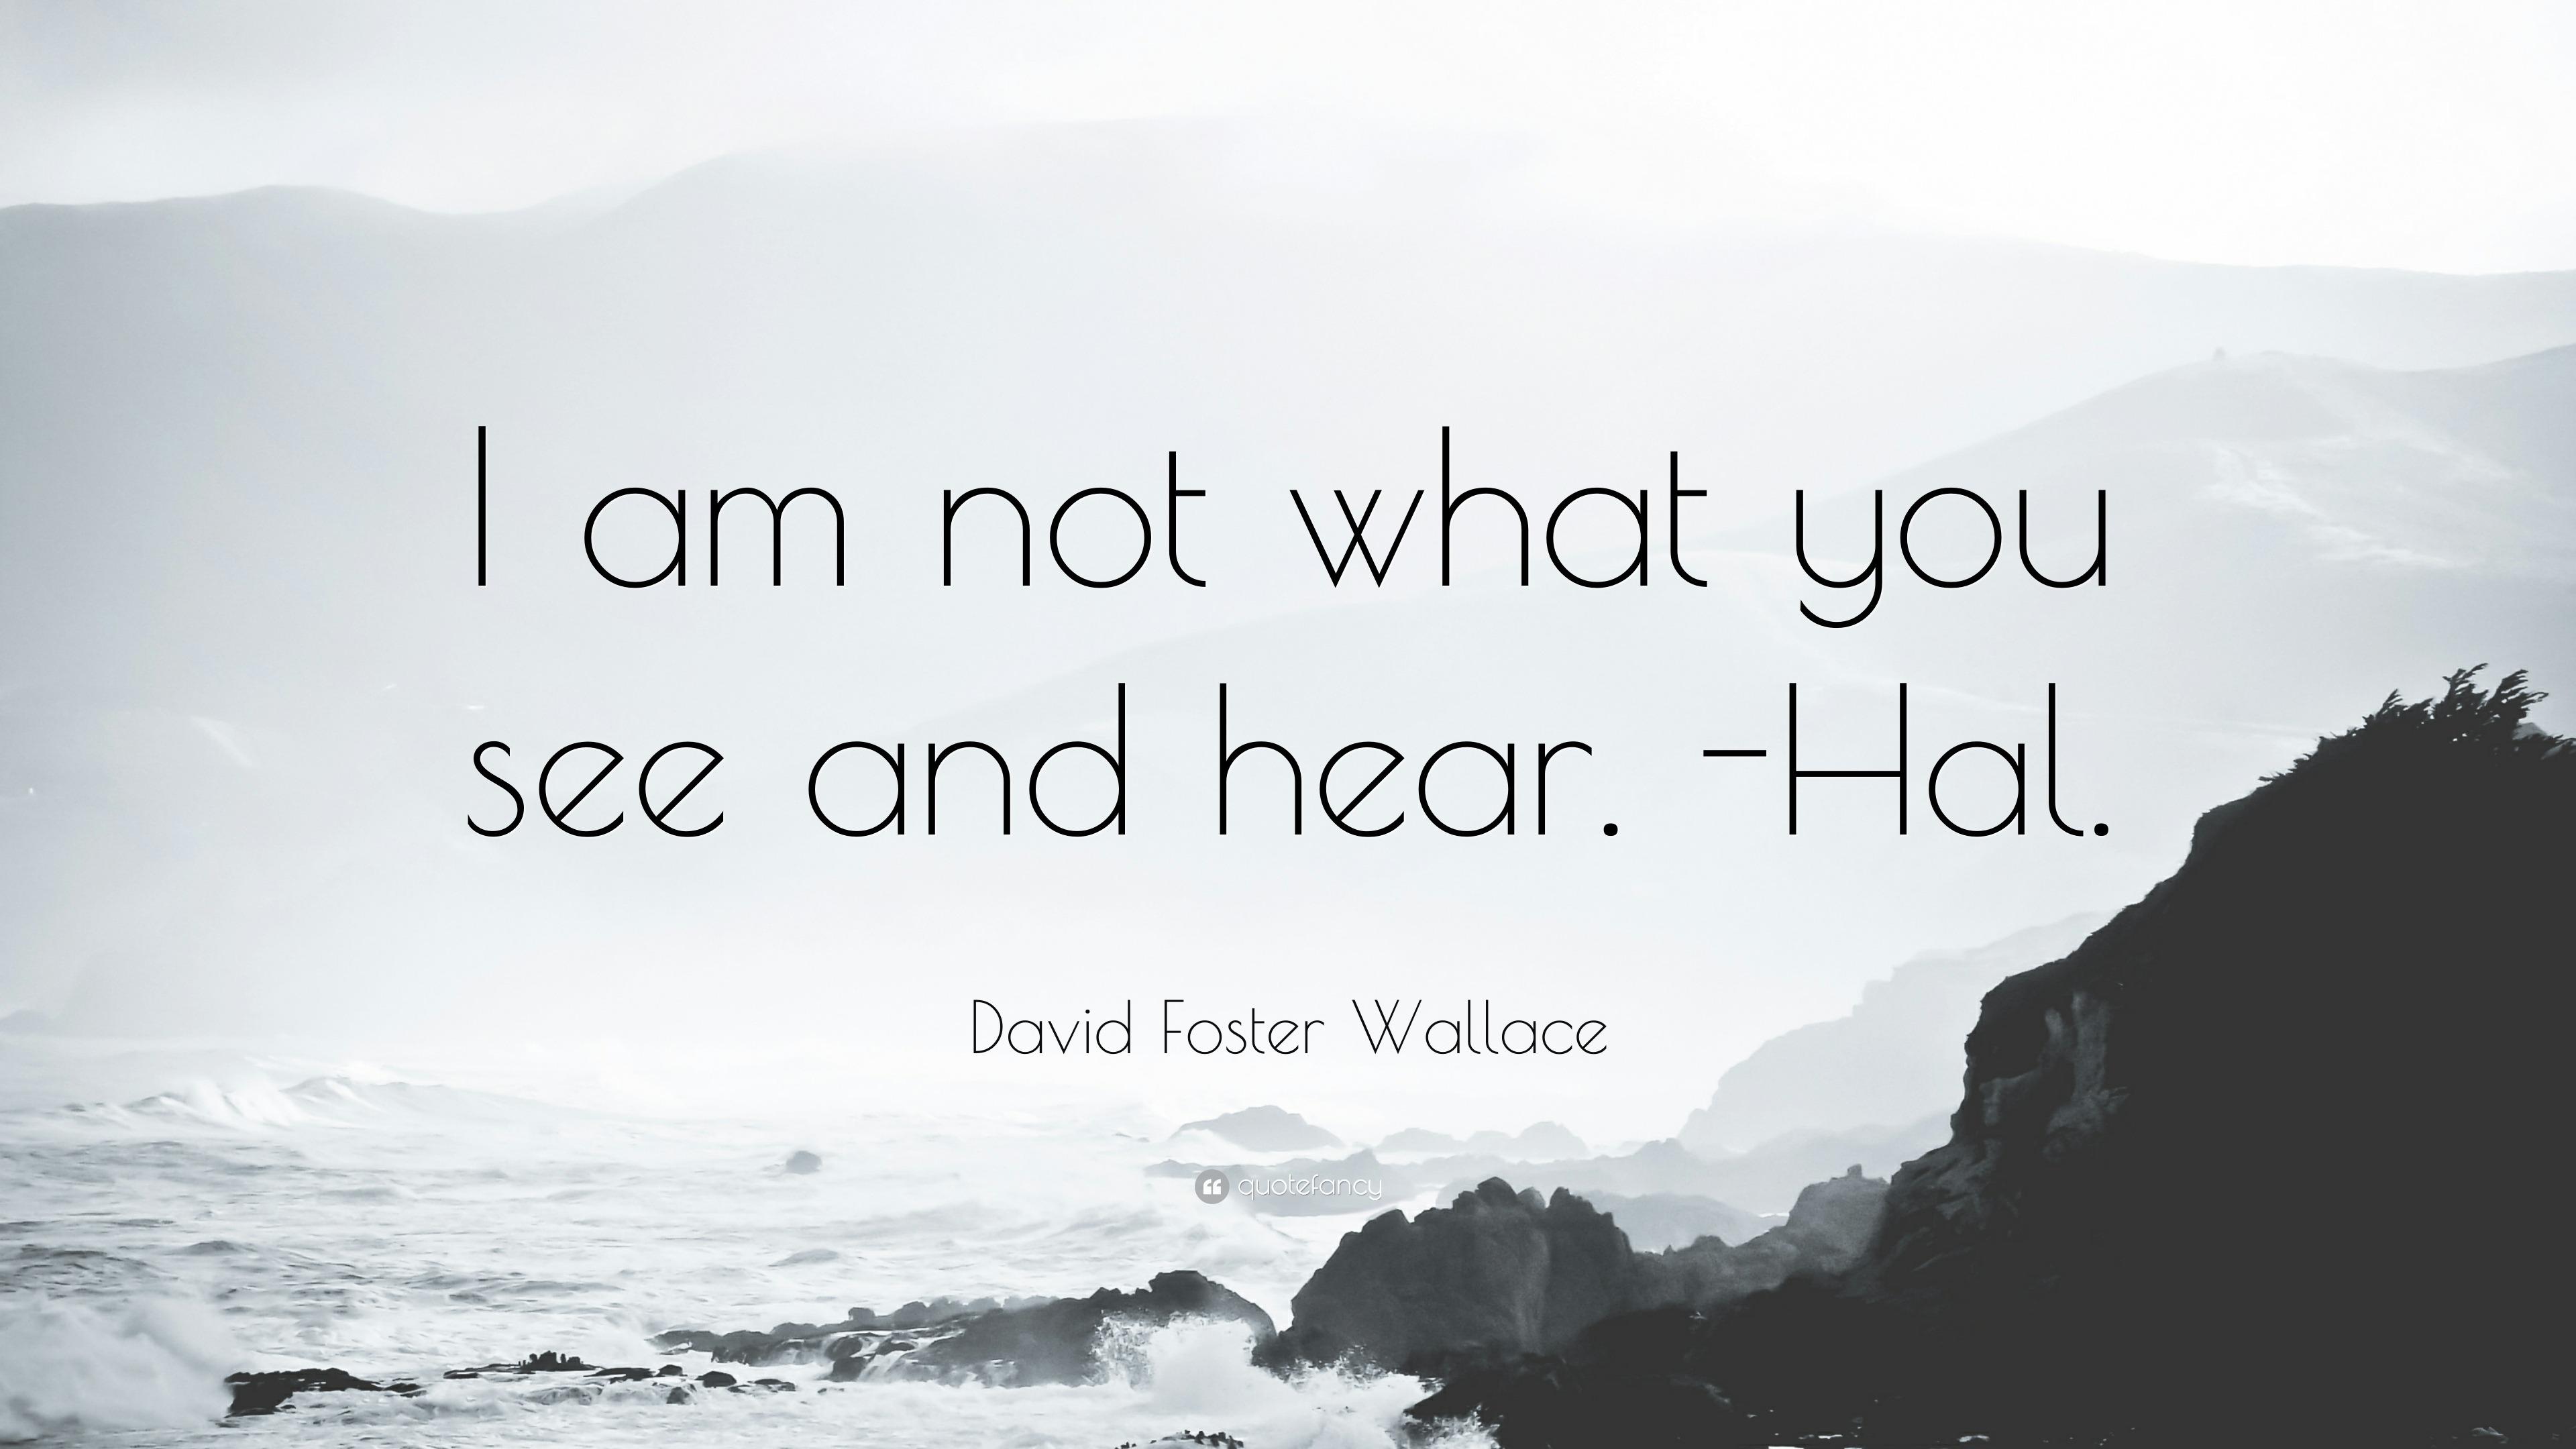 David Foster Wallace Quotes Wallpaper David Foster Wallace Quotes 100 Wallpapers Quotefancy